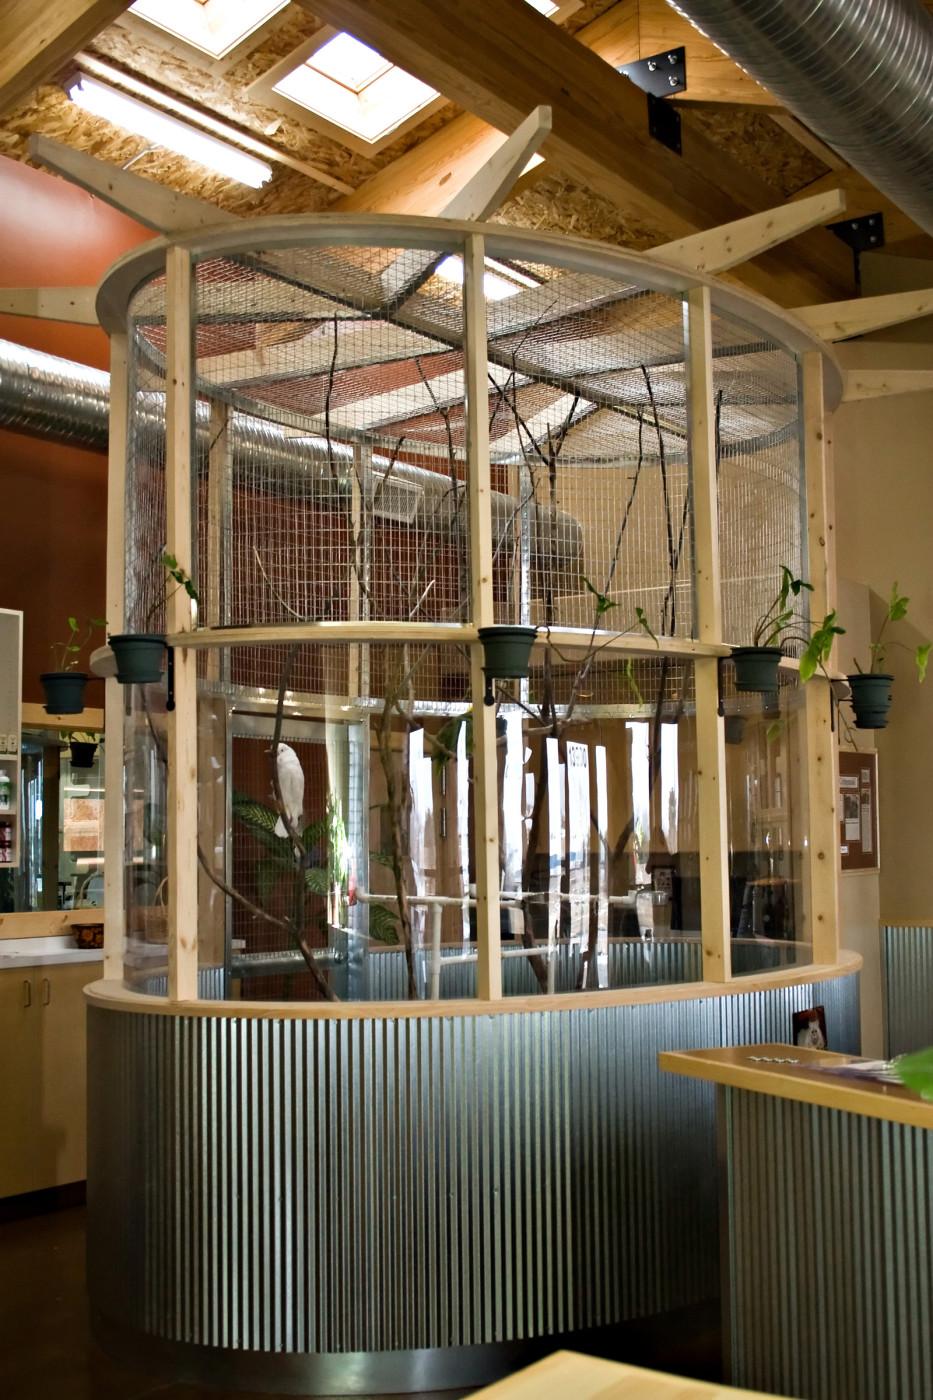 Mariposa-aviary-done